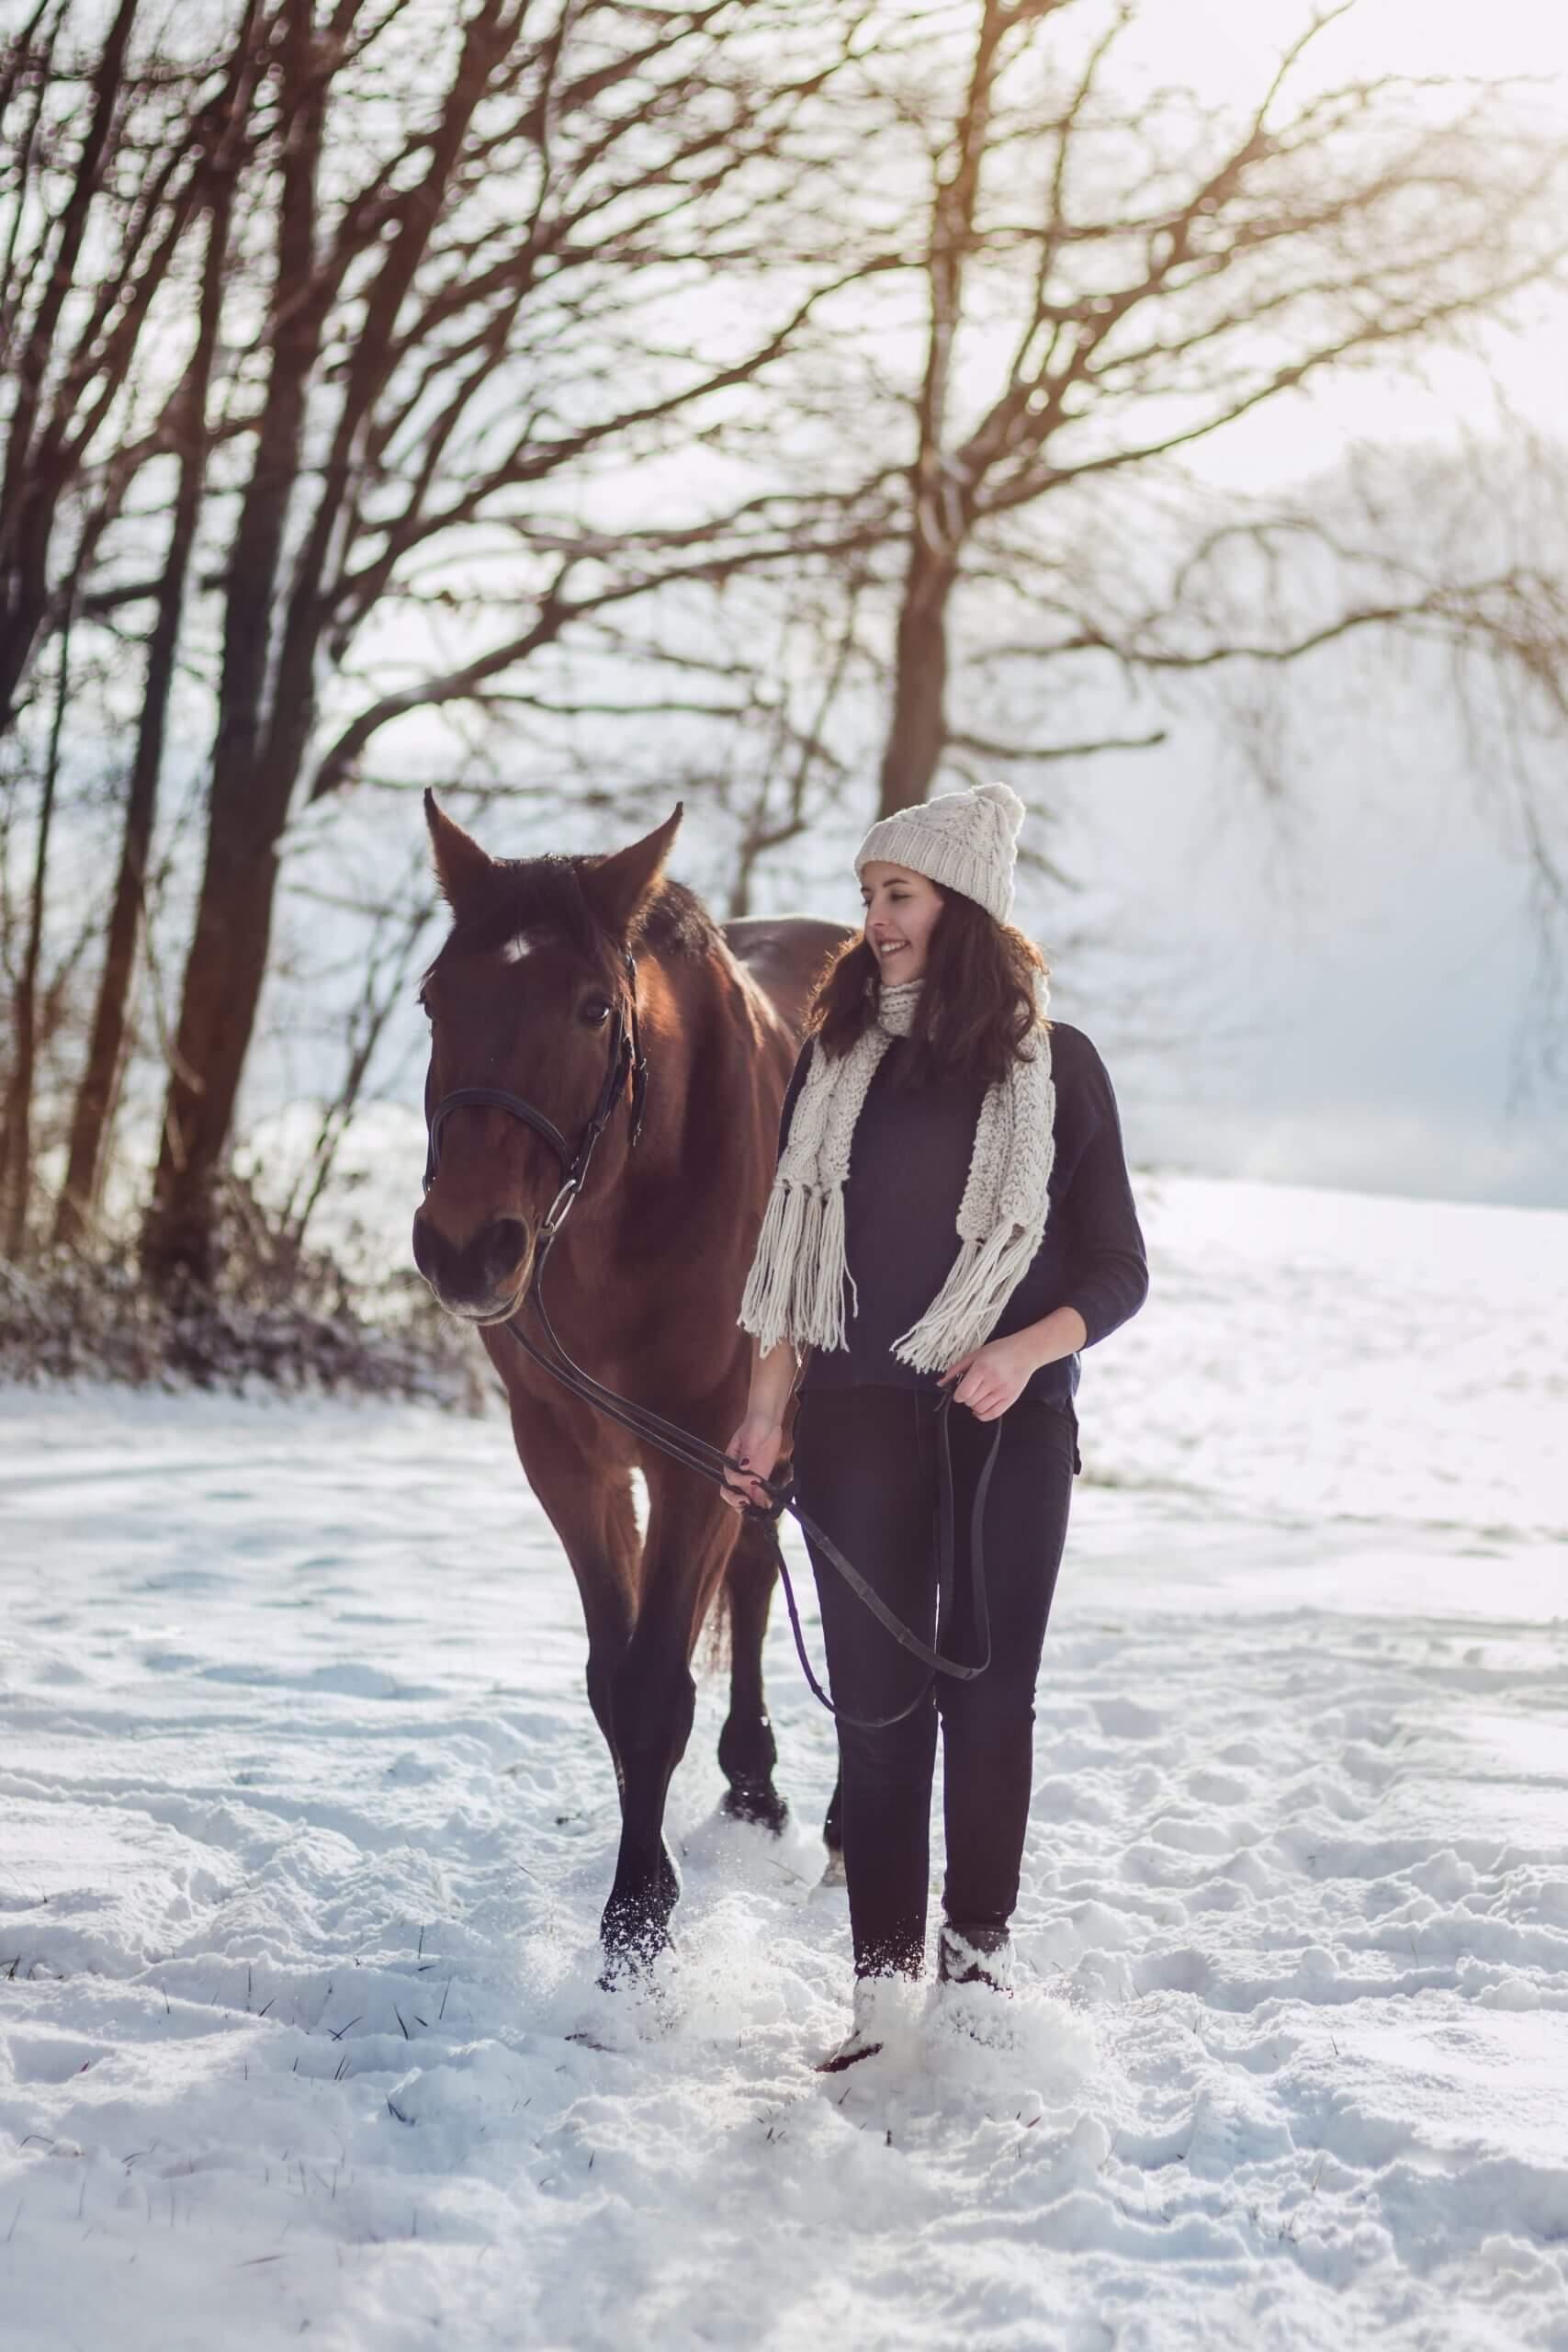 Schneespaziergang mit einem Pferd